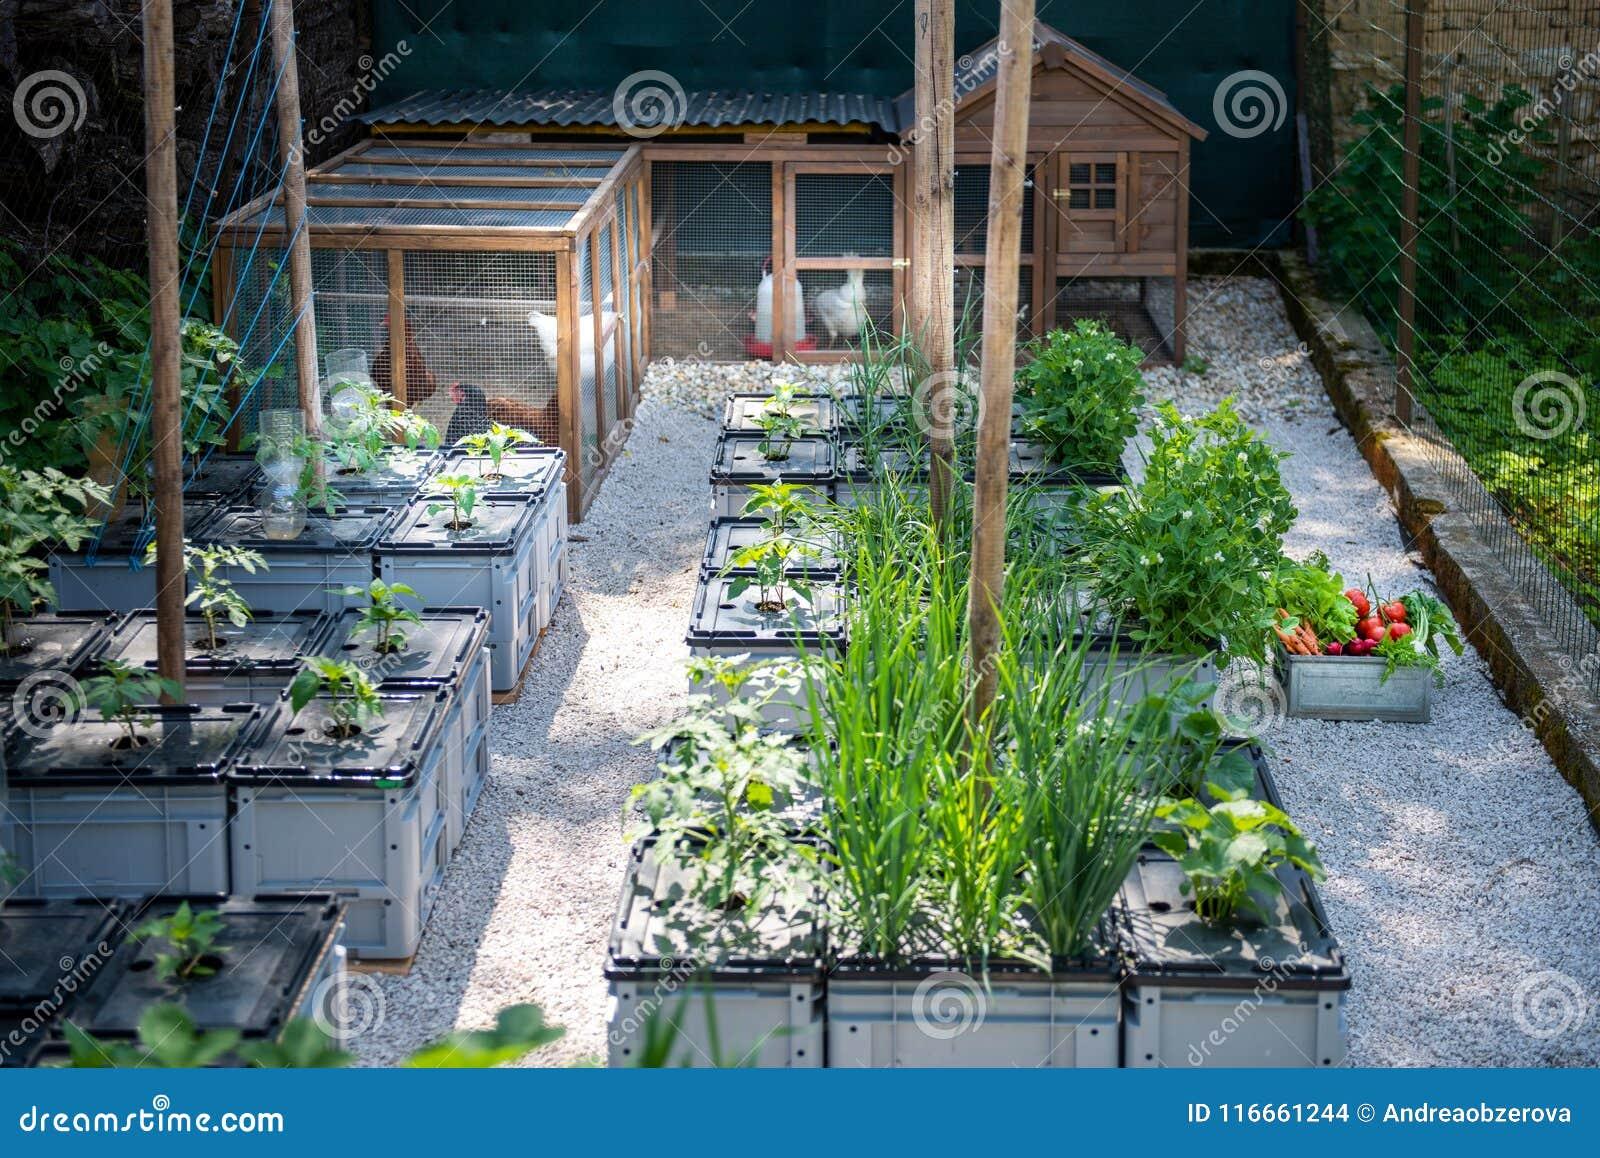 Υγιής οργανικός τρόπος ζωής κατανάλωσης και ικανότητας υποστήριξης Ελεύθερες ωοτόκες όρνιθες αυγών σειράς και homegrown λαχανικά